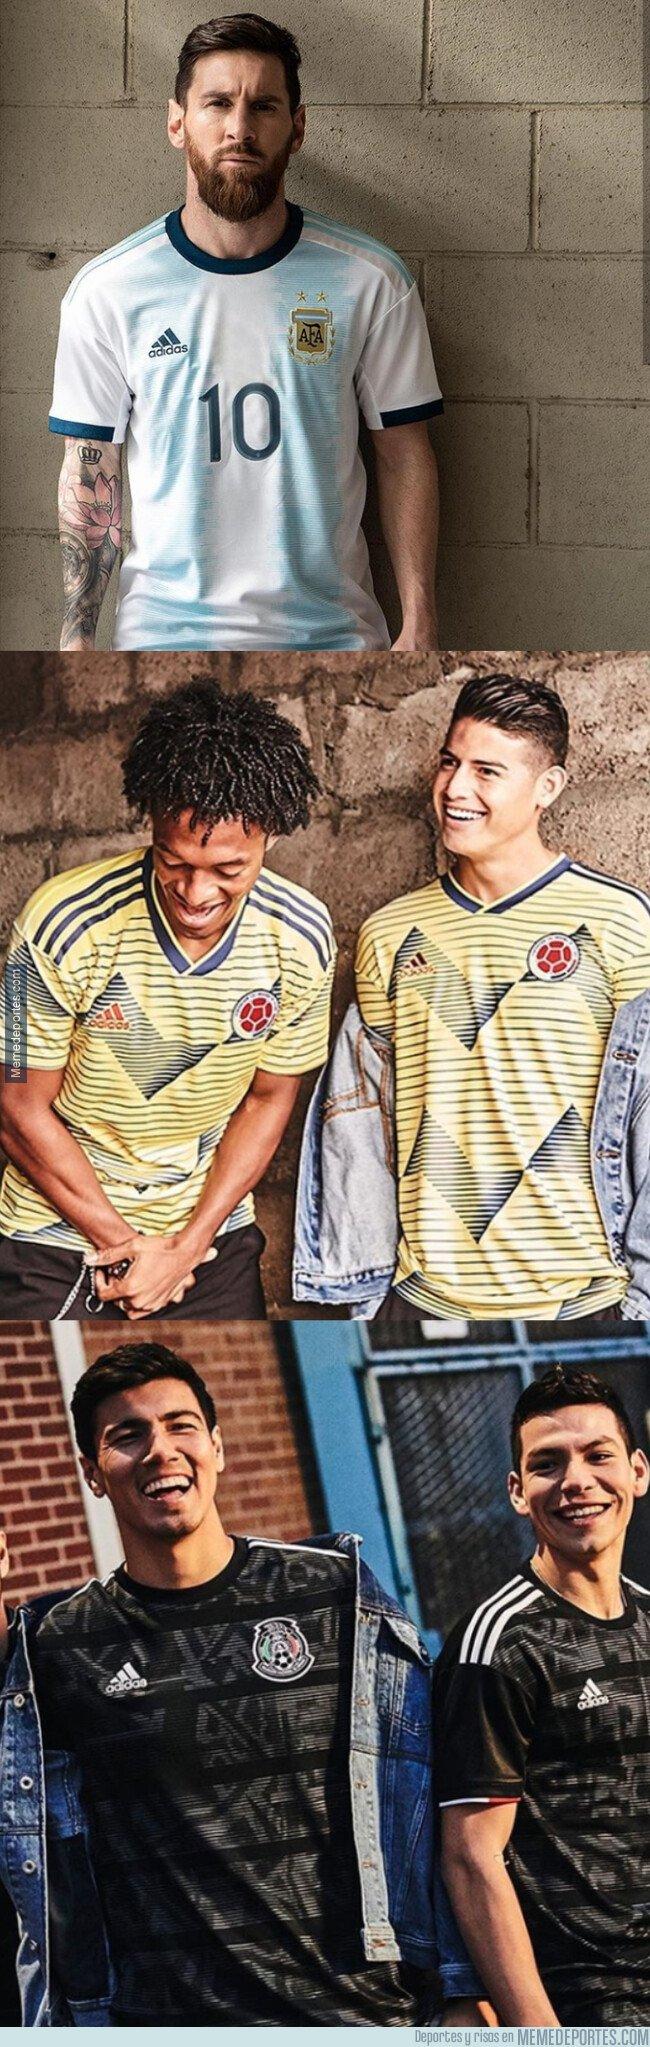 1068900 - Ya se han presentado algunas camisetas que veremos en la Copa América 2019